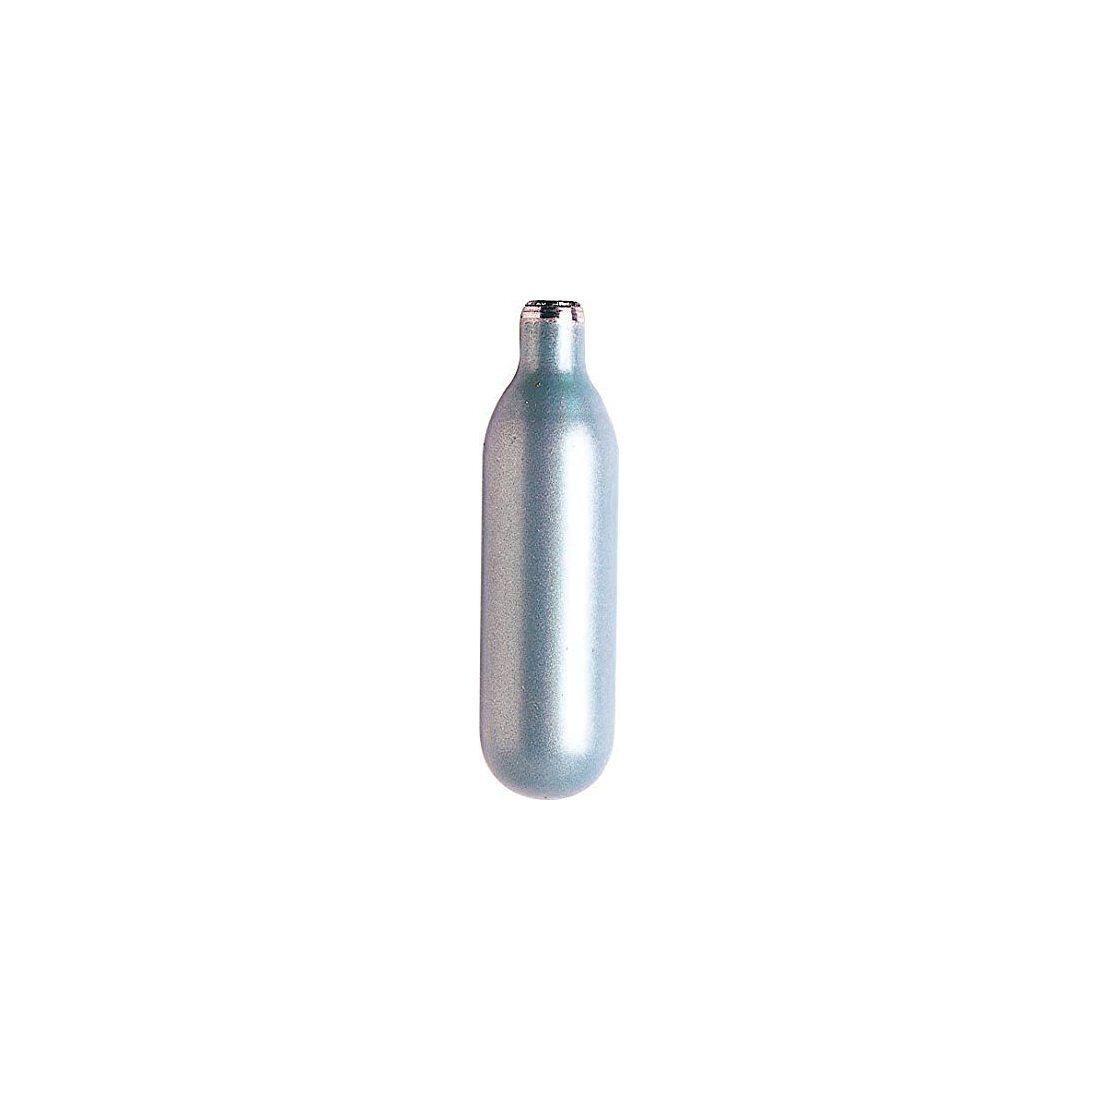 Mastrad - F48560 - Lot de cartouches pour siphon, 10 pièces